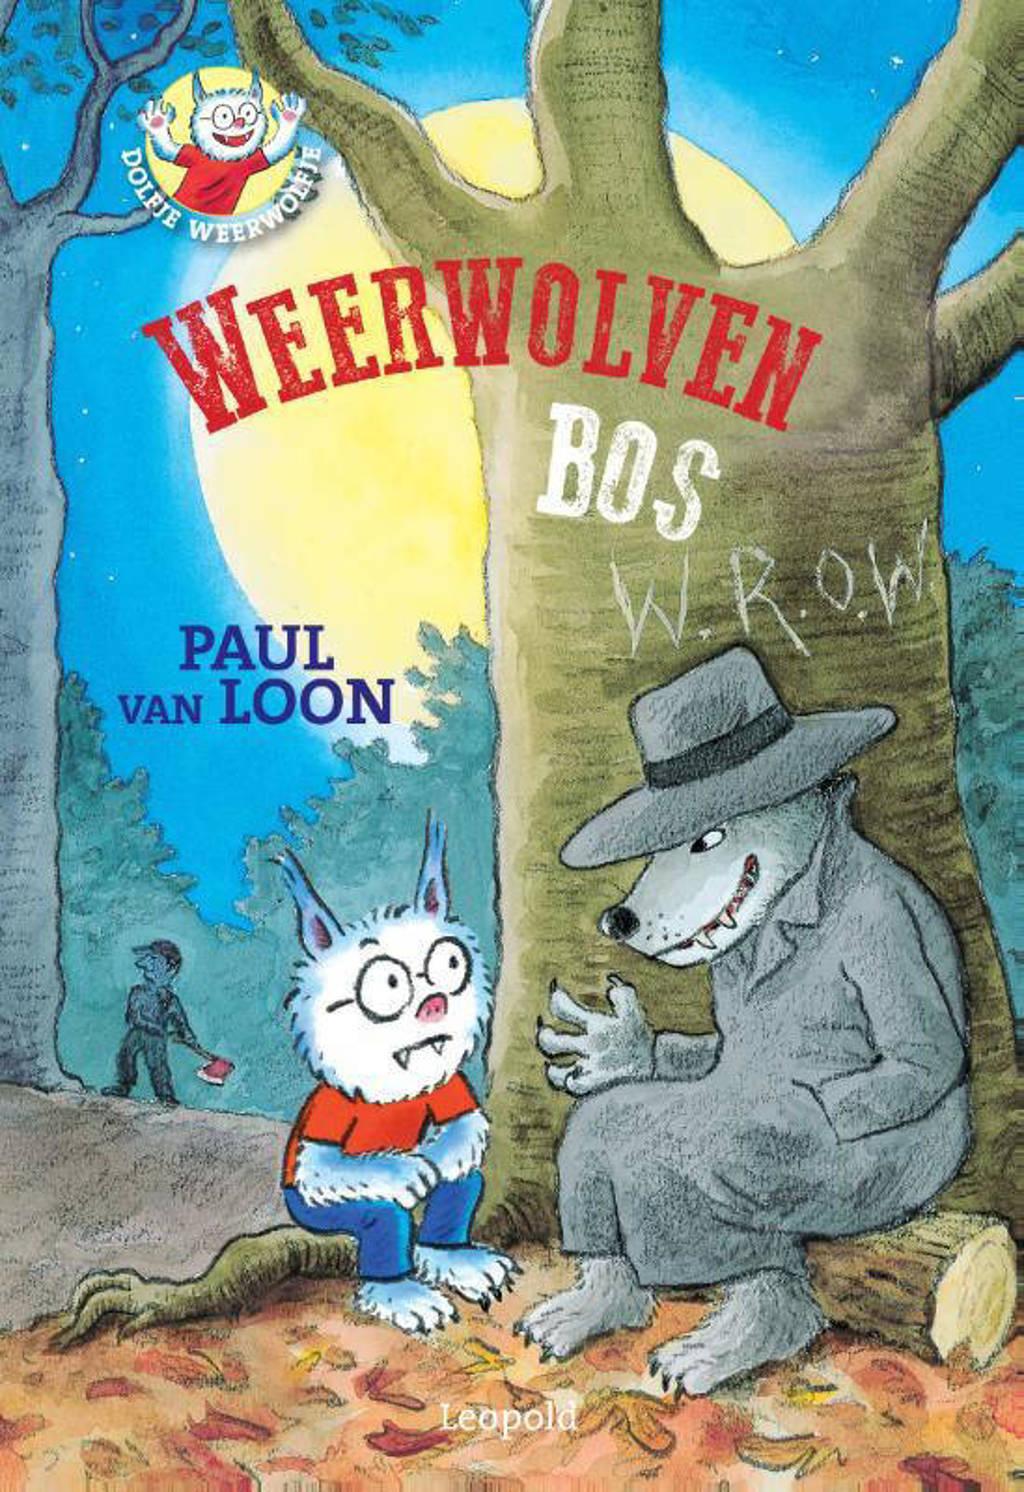 Dolfje Weerwolfje: Weerwolvenbos - Paul van Loon